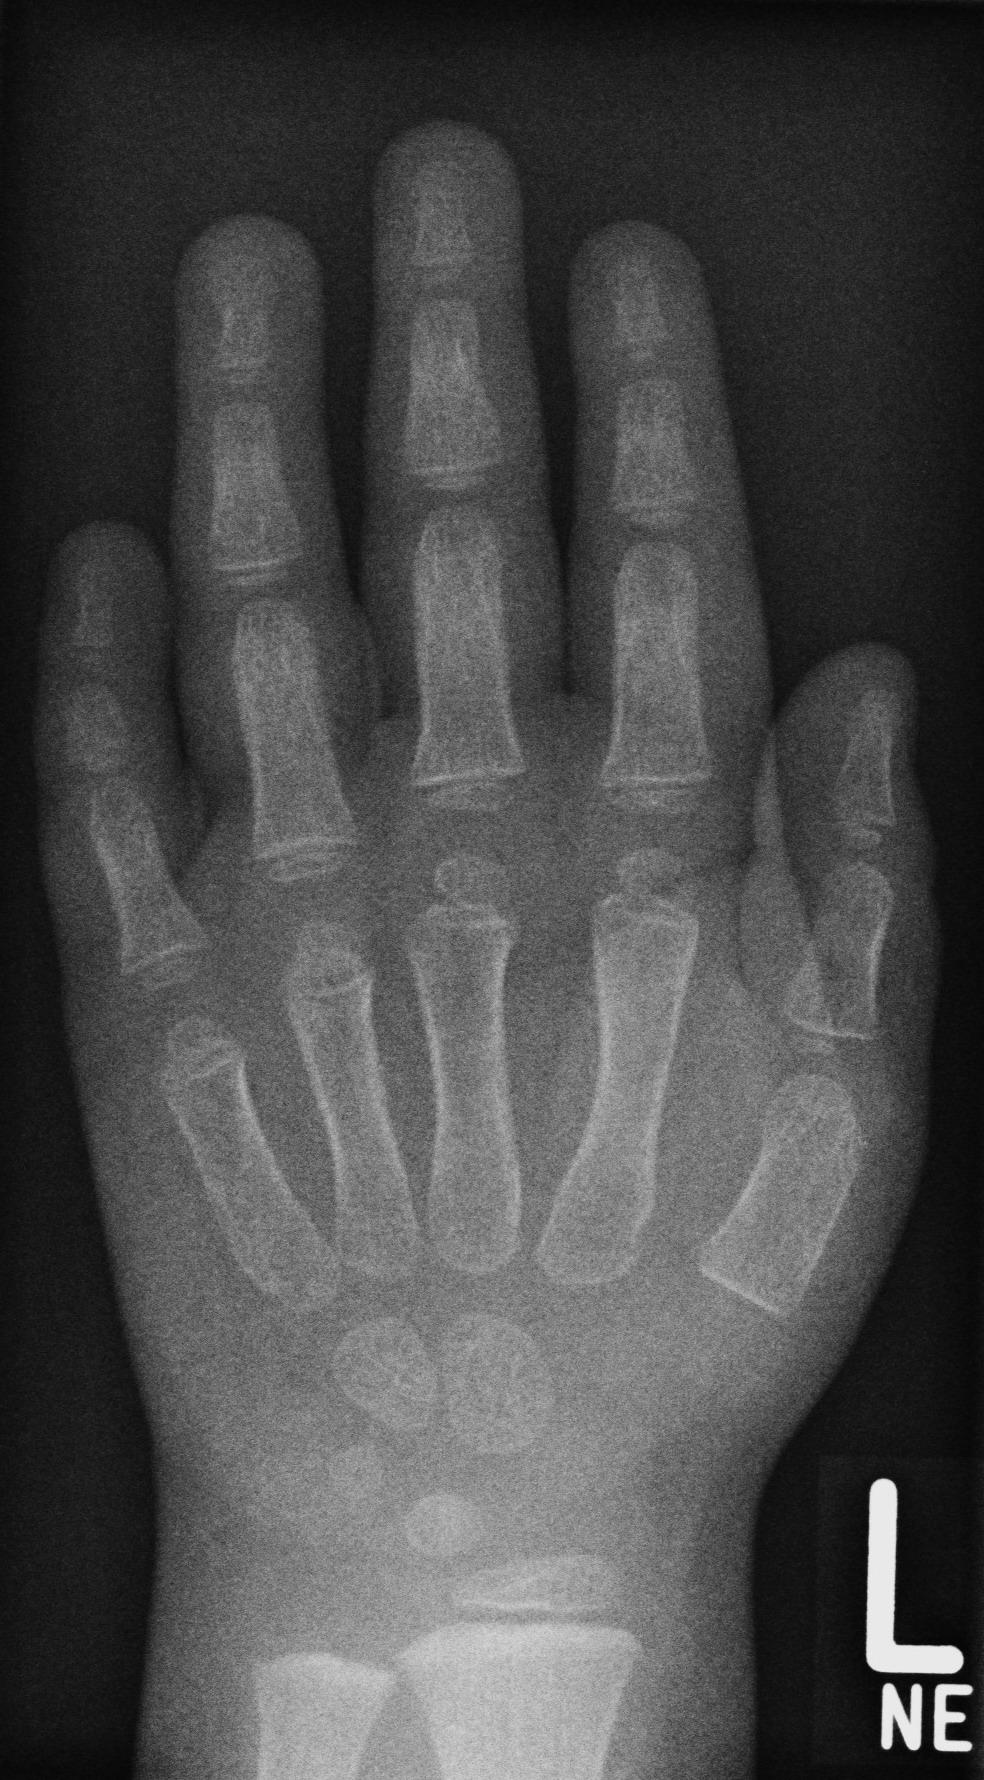 Einen gebrochenen Daumen diagnostizieren wikiHow